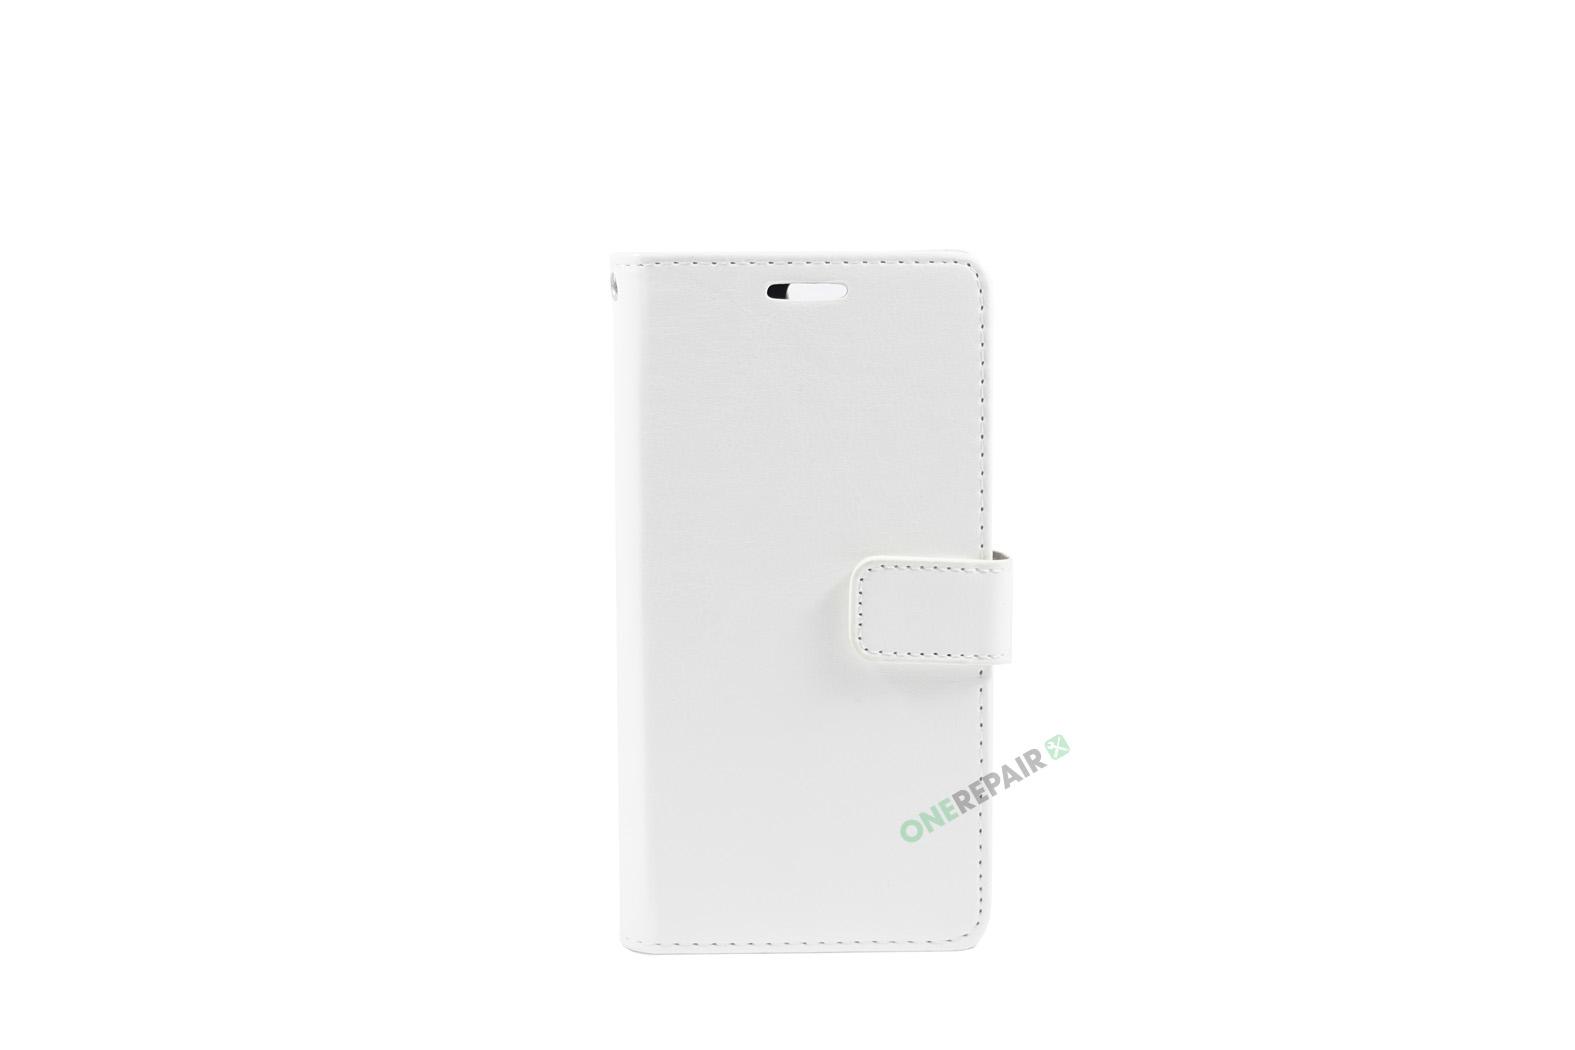 Huawei P10, Flipcover, cover, Plads til kort, Hvid